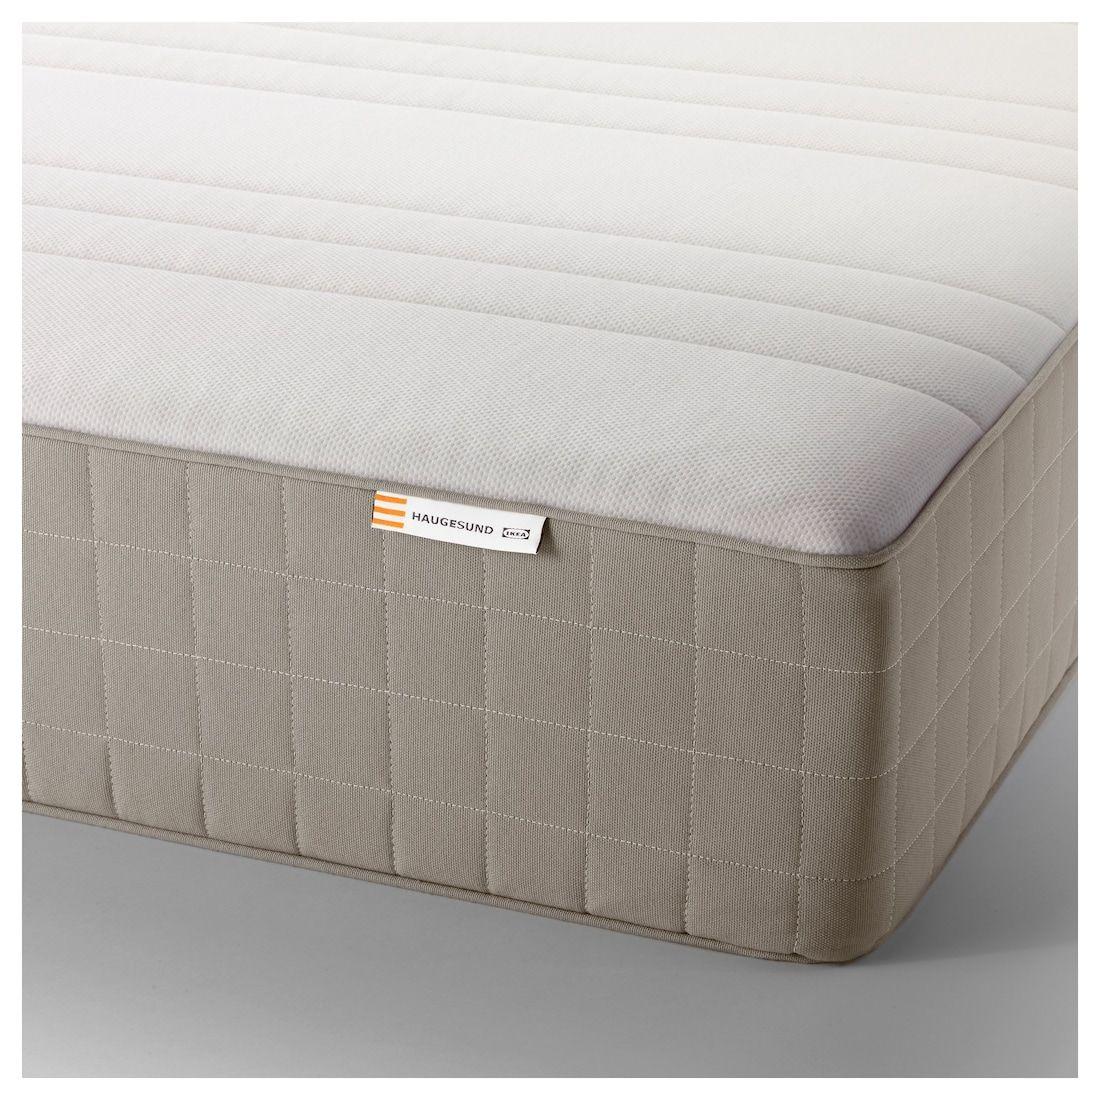 HAUGESUND Spring mattress, firm, dark beige, King IKEA